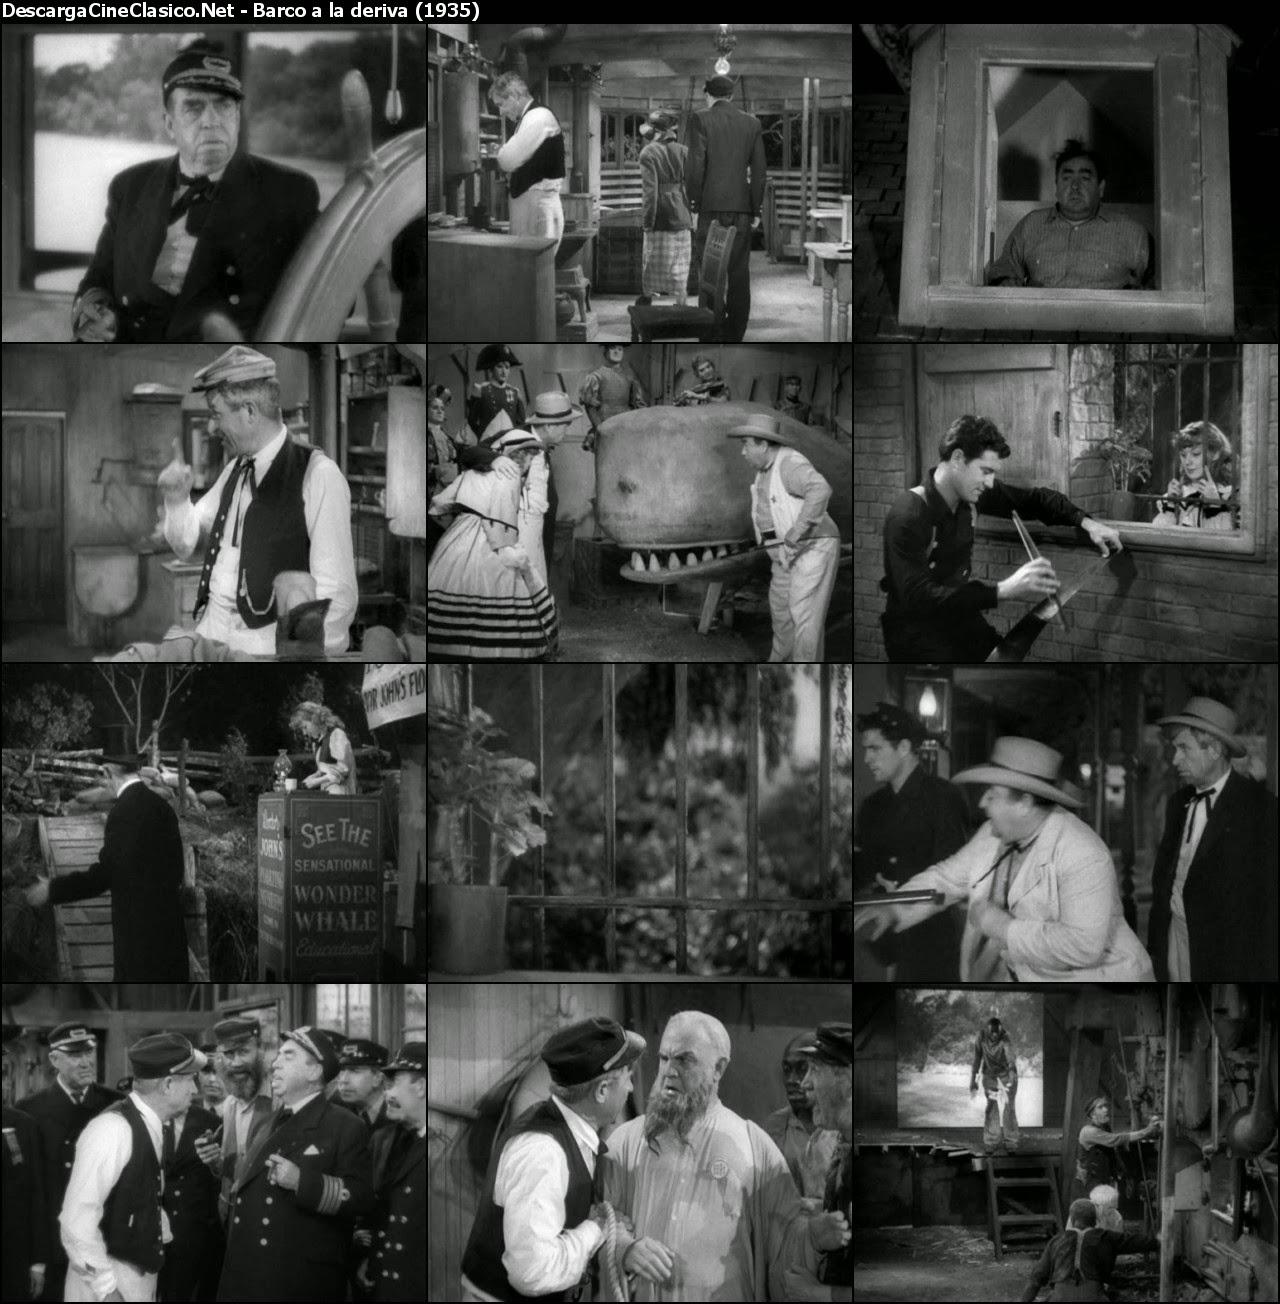 Barco a la deriva (Steamboat Round the Bend – 1935)